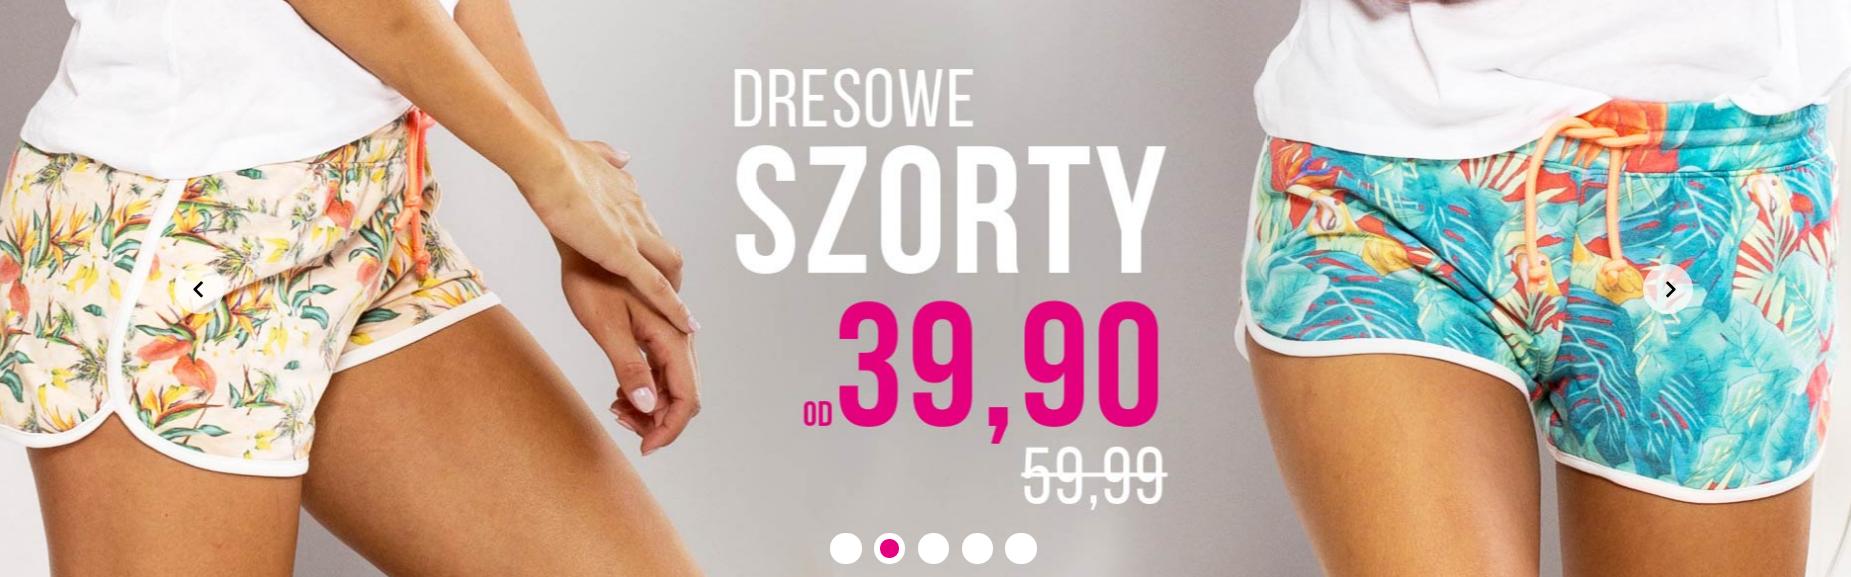 Butik: dresowe szorty od 39,90 zł